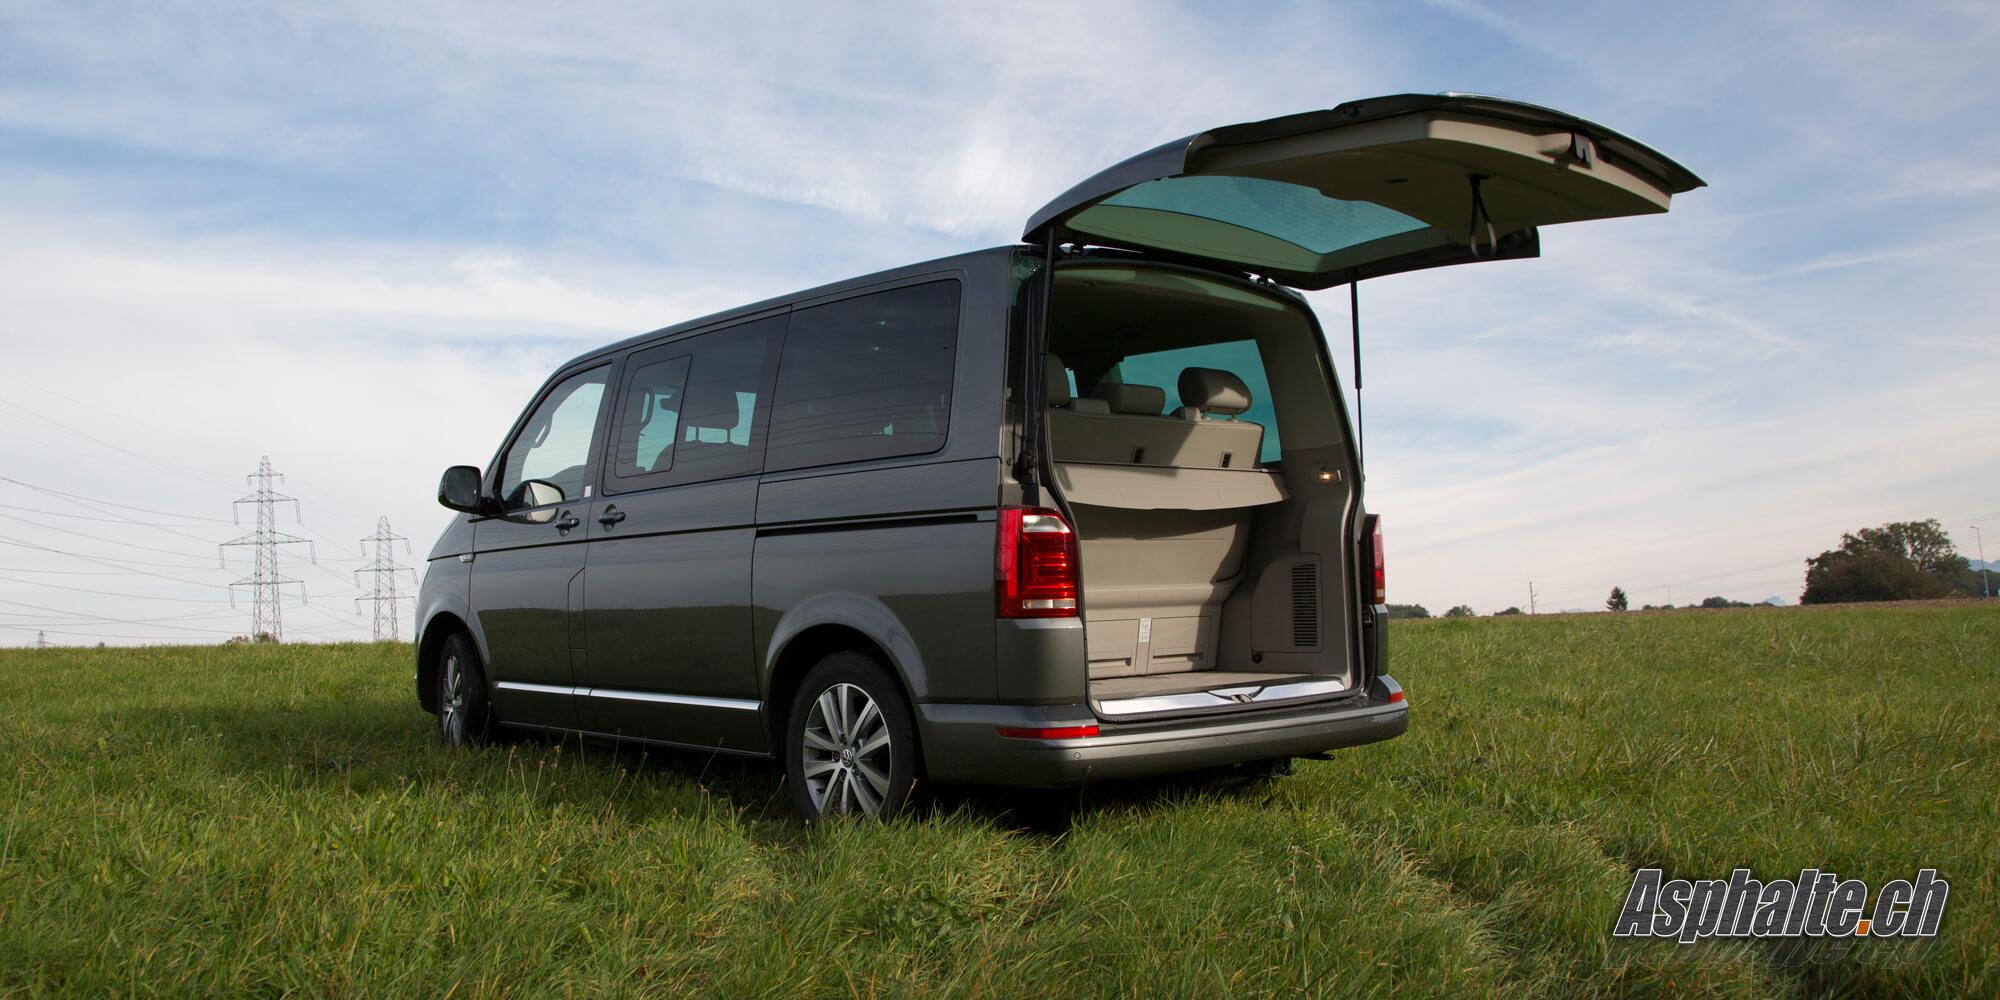 essai vw multivan t6 le transporteur. Black Bedroom Furniture Sets. Home Design Ideas